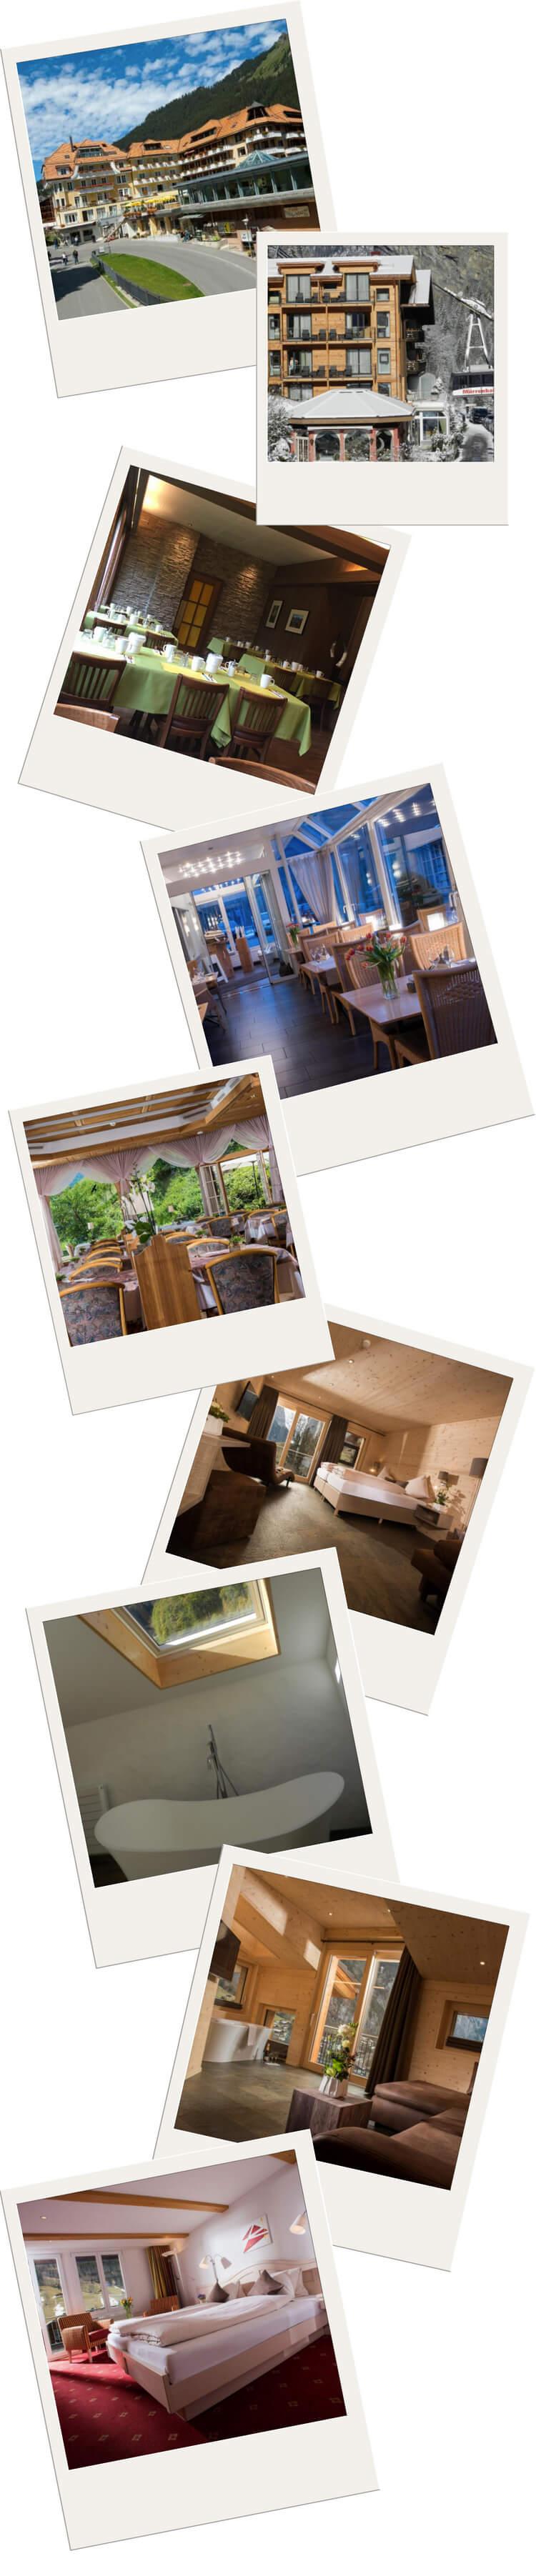 lauterbrunnen-Hotel Silberhorn-best-hotel